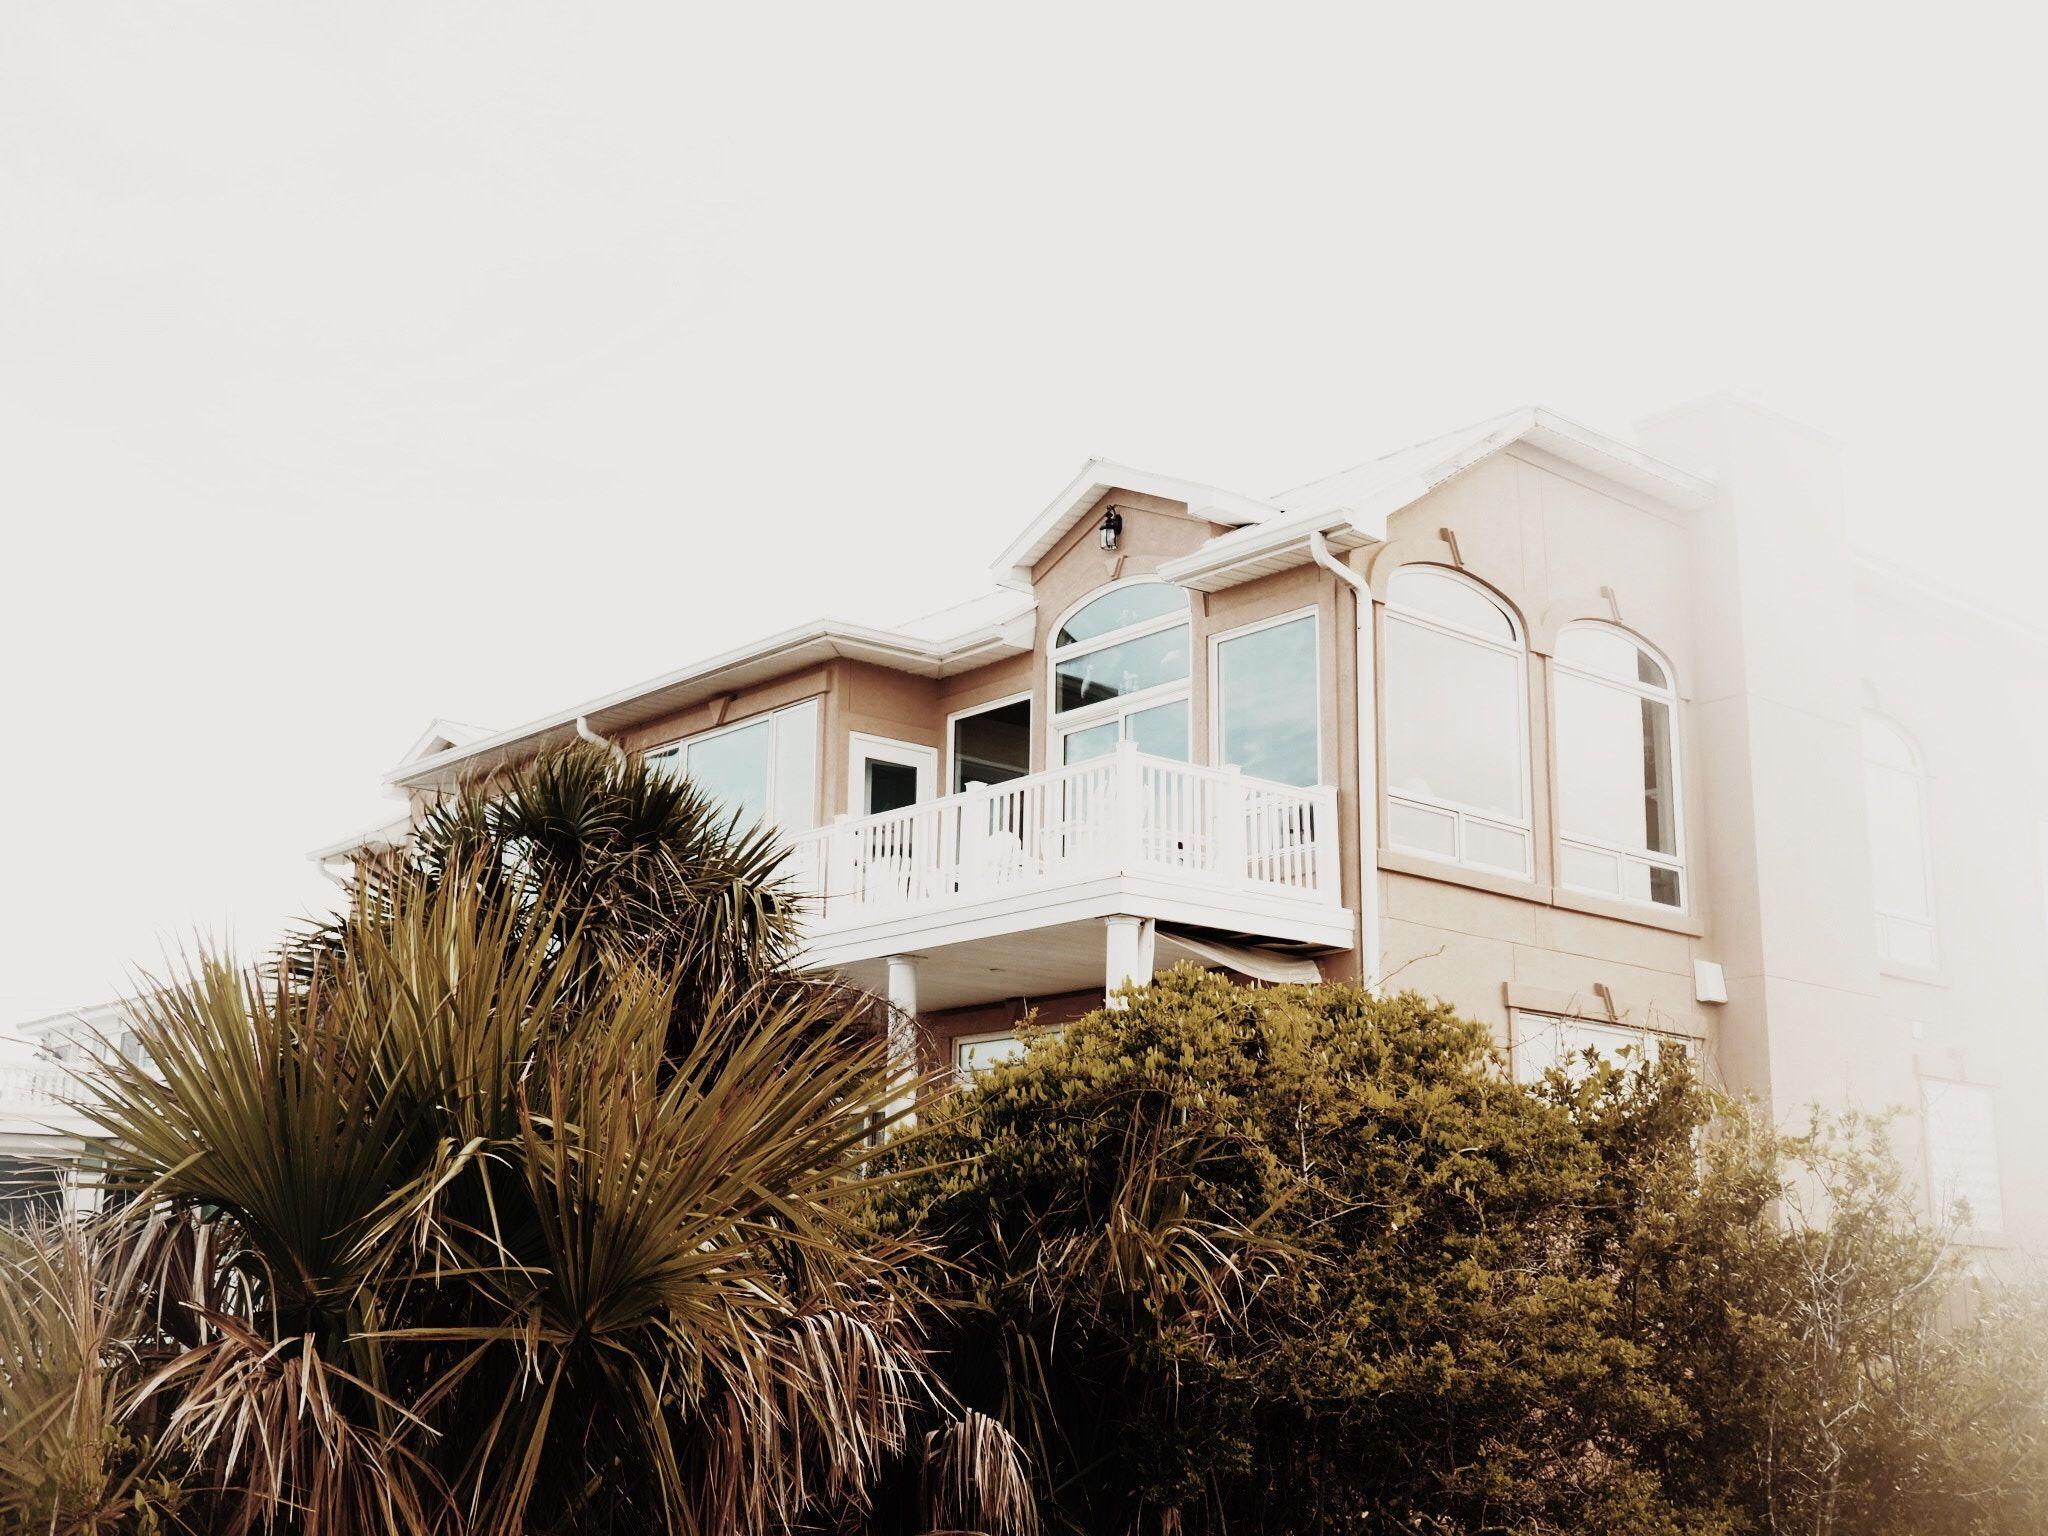 casas_con_estilo_imagen2